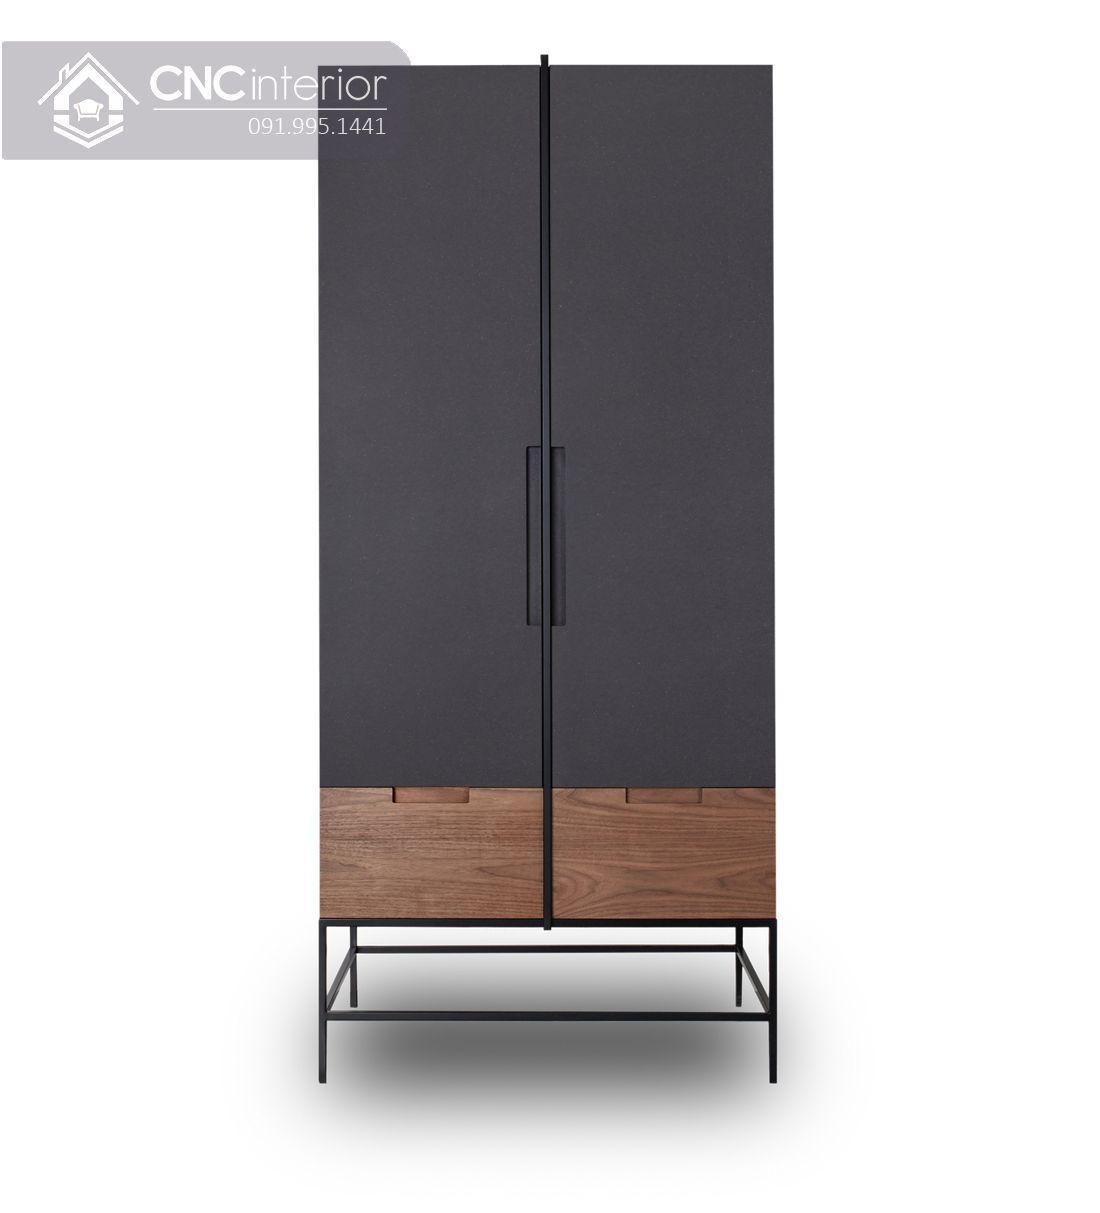 Tủ quần áo 2 cánh nhỏ gọn màu đen đẹp CNC 34 1